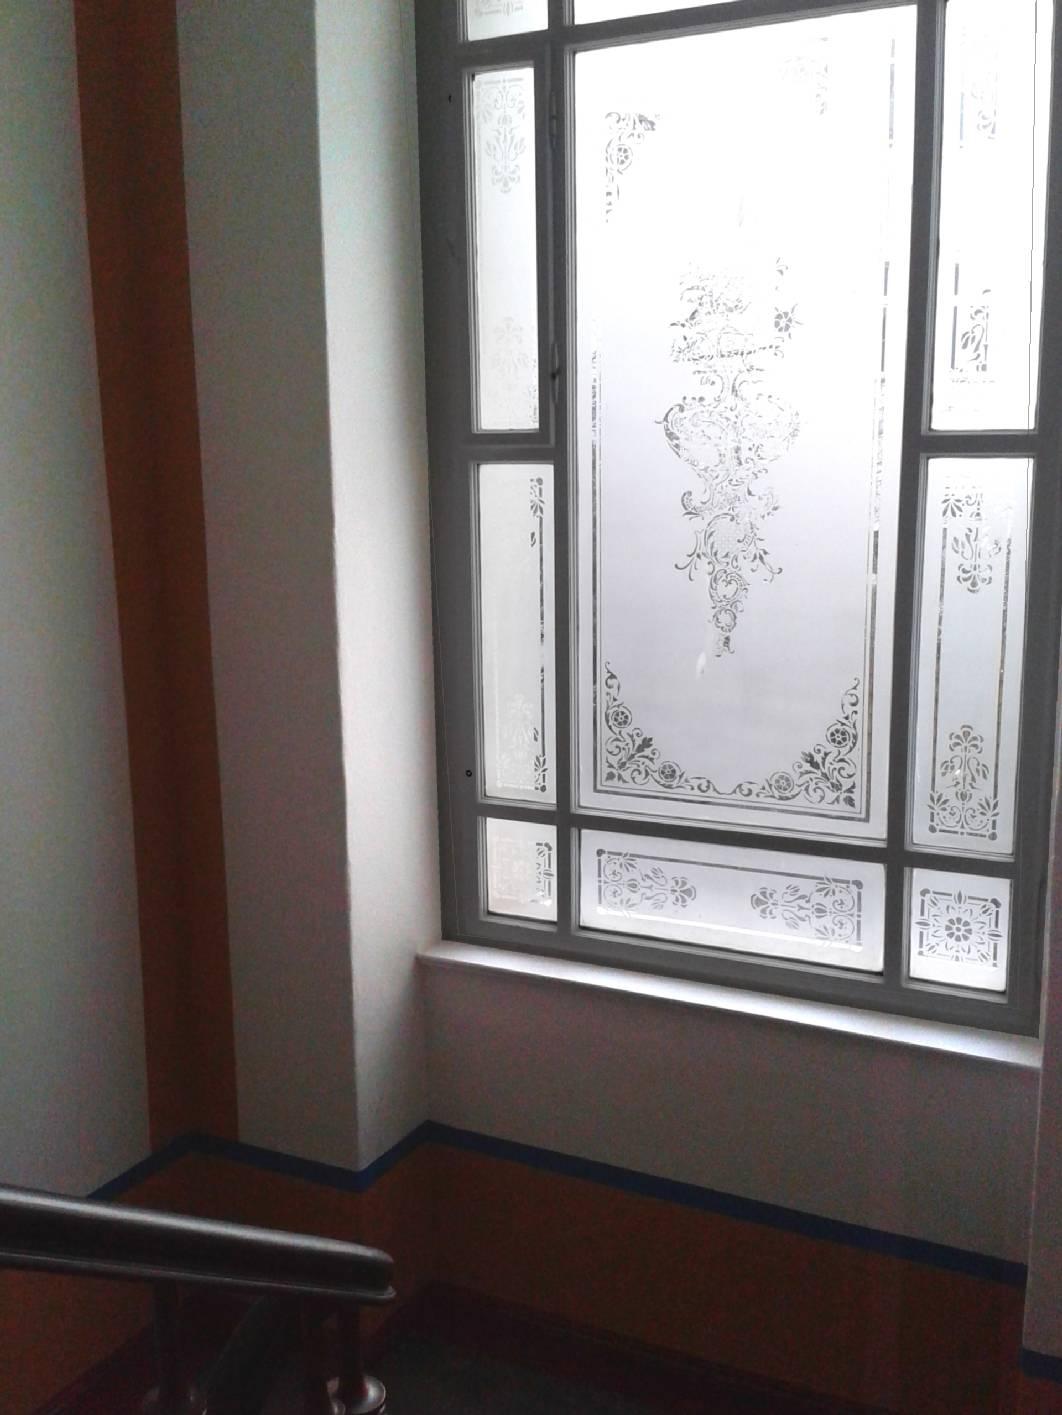 jugendstil treppenhaus in berlin mit malerarbeiten von. Black Bedroom Furniture Sets. Home Design Ideas